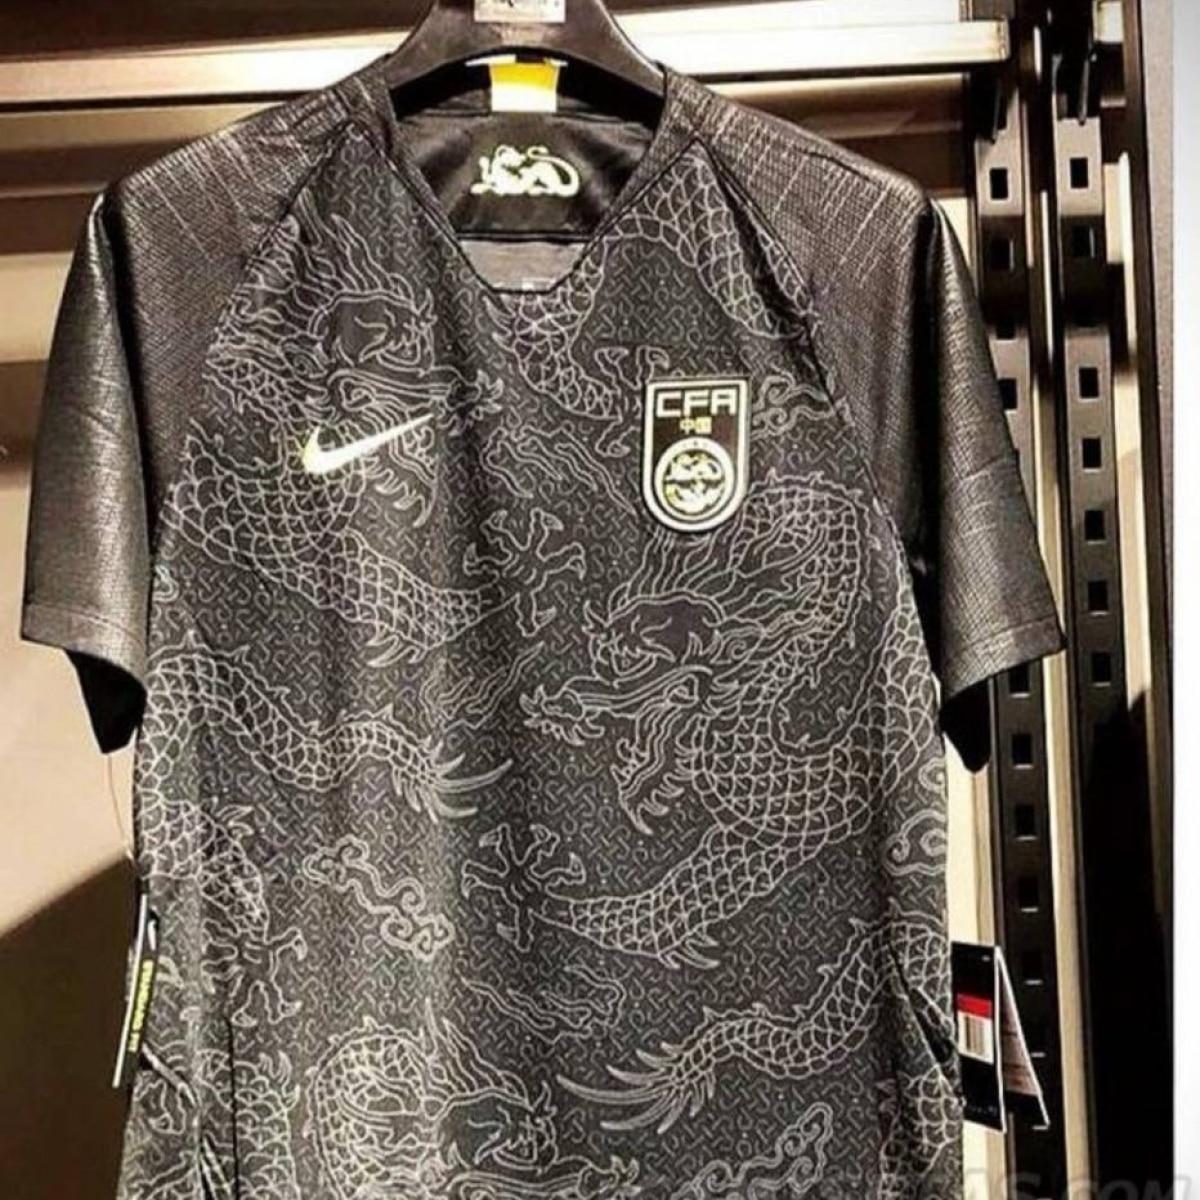 3396708268941 Seleção chinesa se inspira em dragões e mitologia em nova camisa - Futebol  - Fera